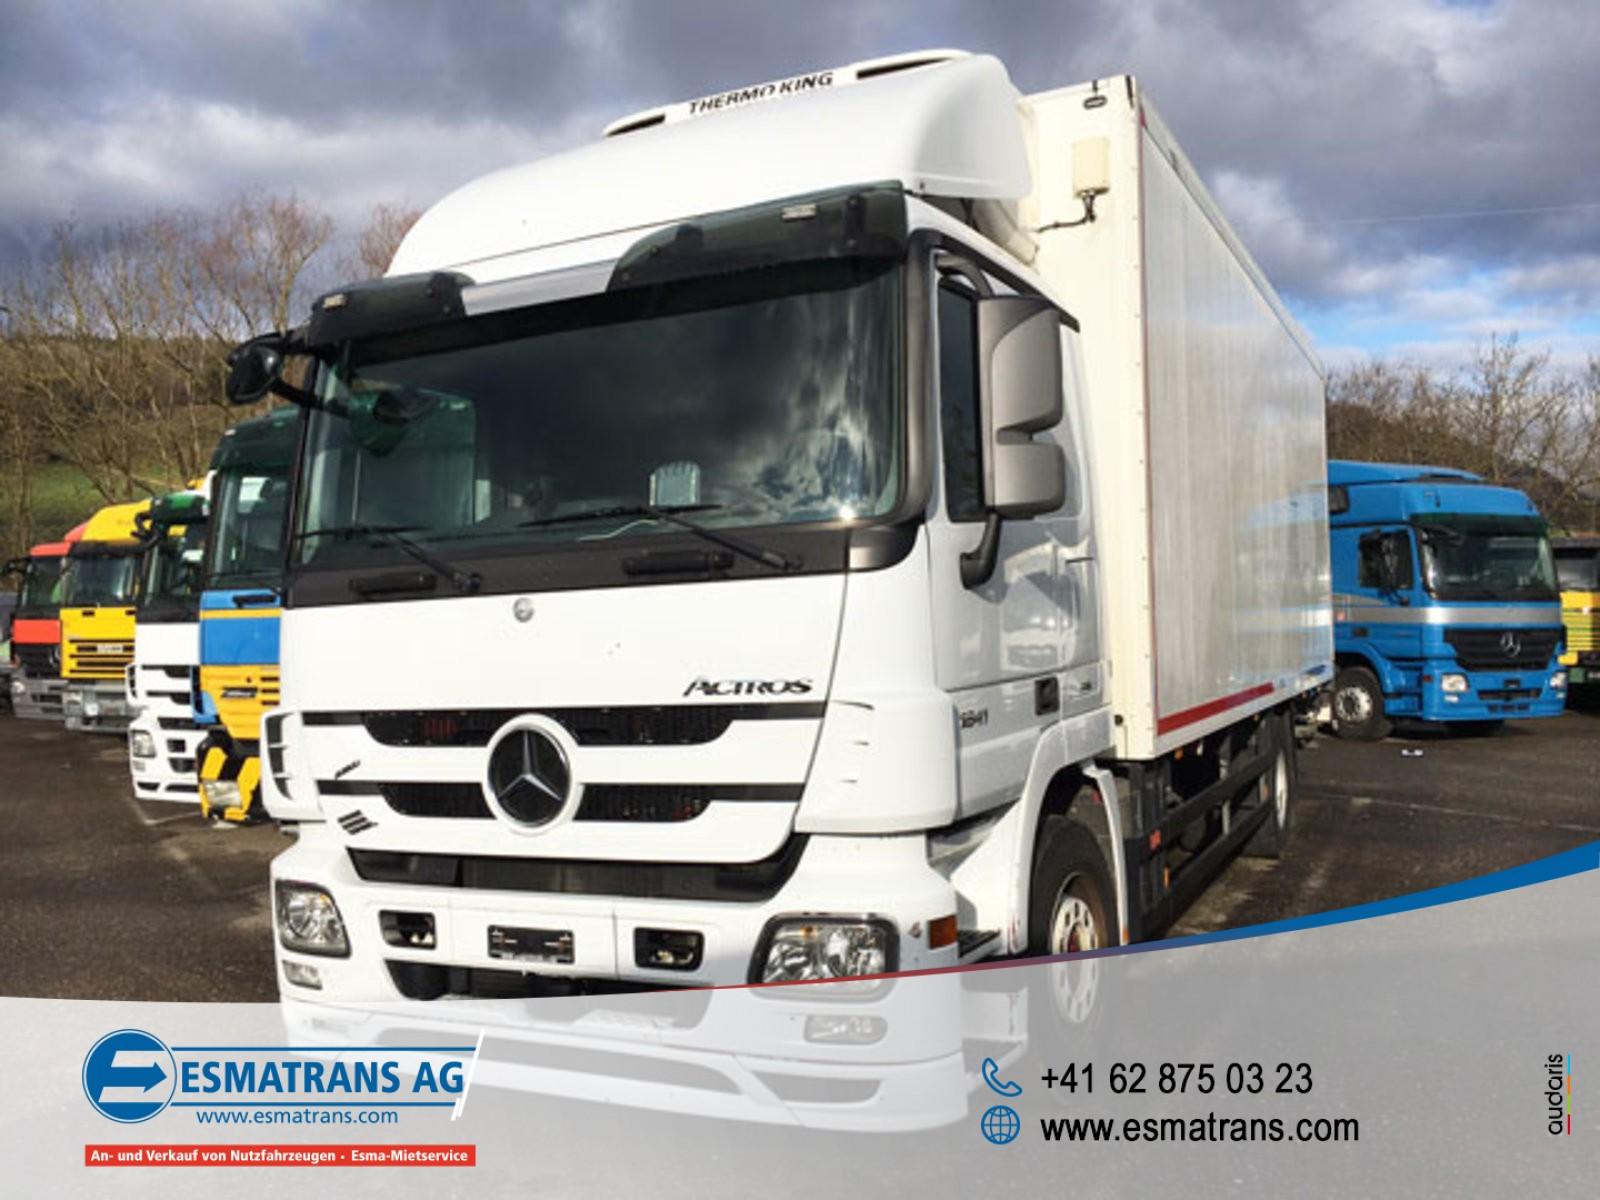 FRAN6306_882829 vehicle image